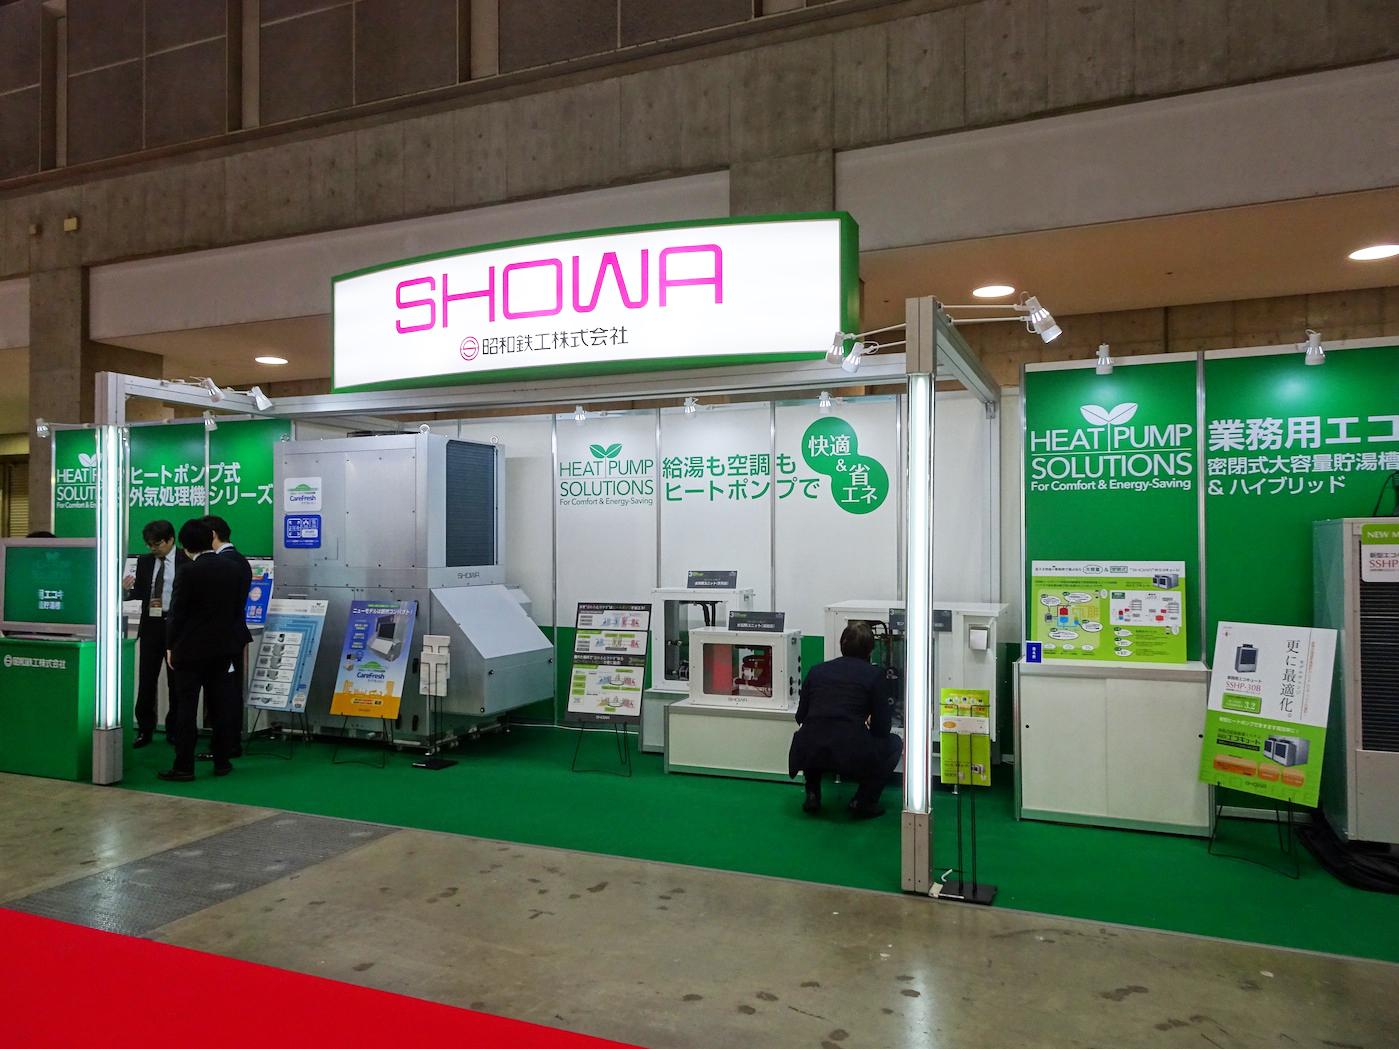 業務用エコキュート、外気処理機 HVAC&R展示会に出展